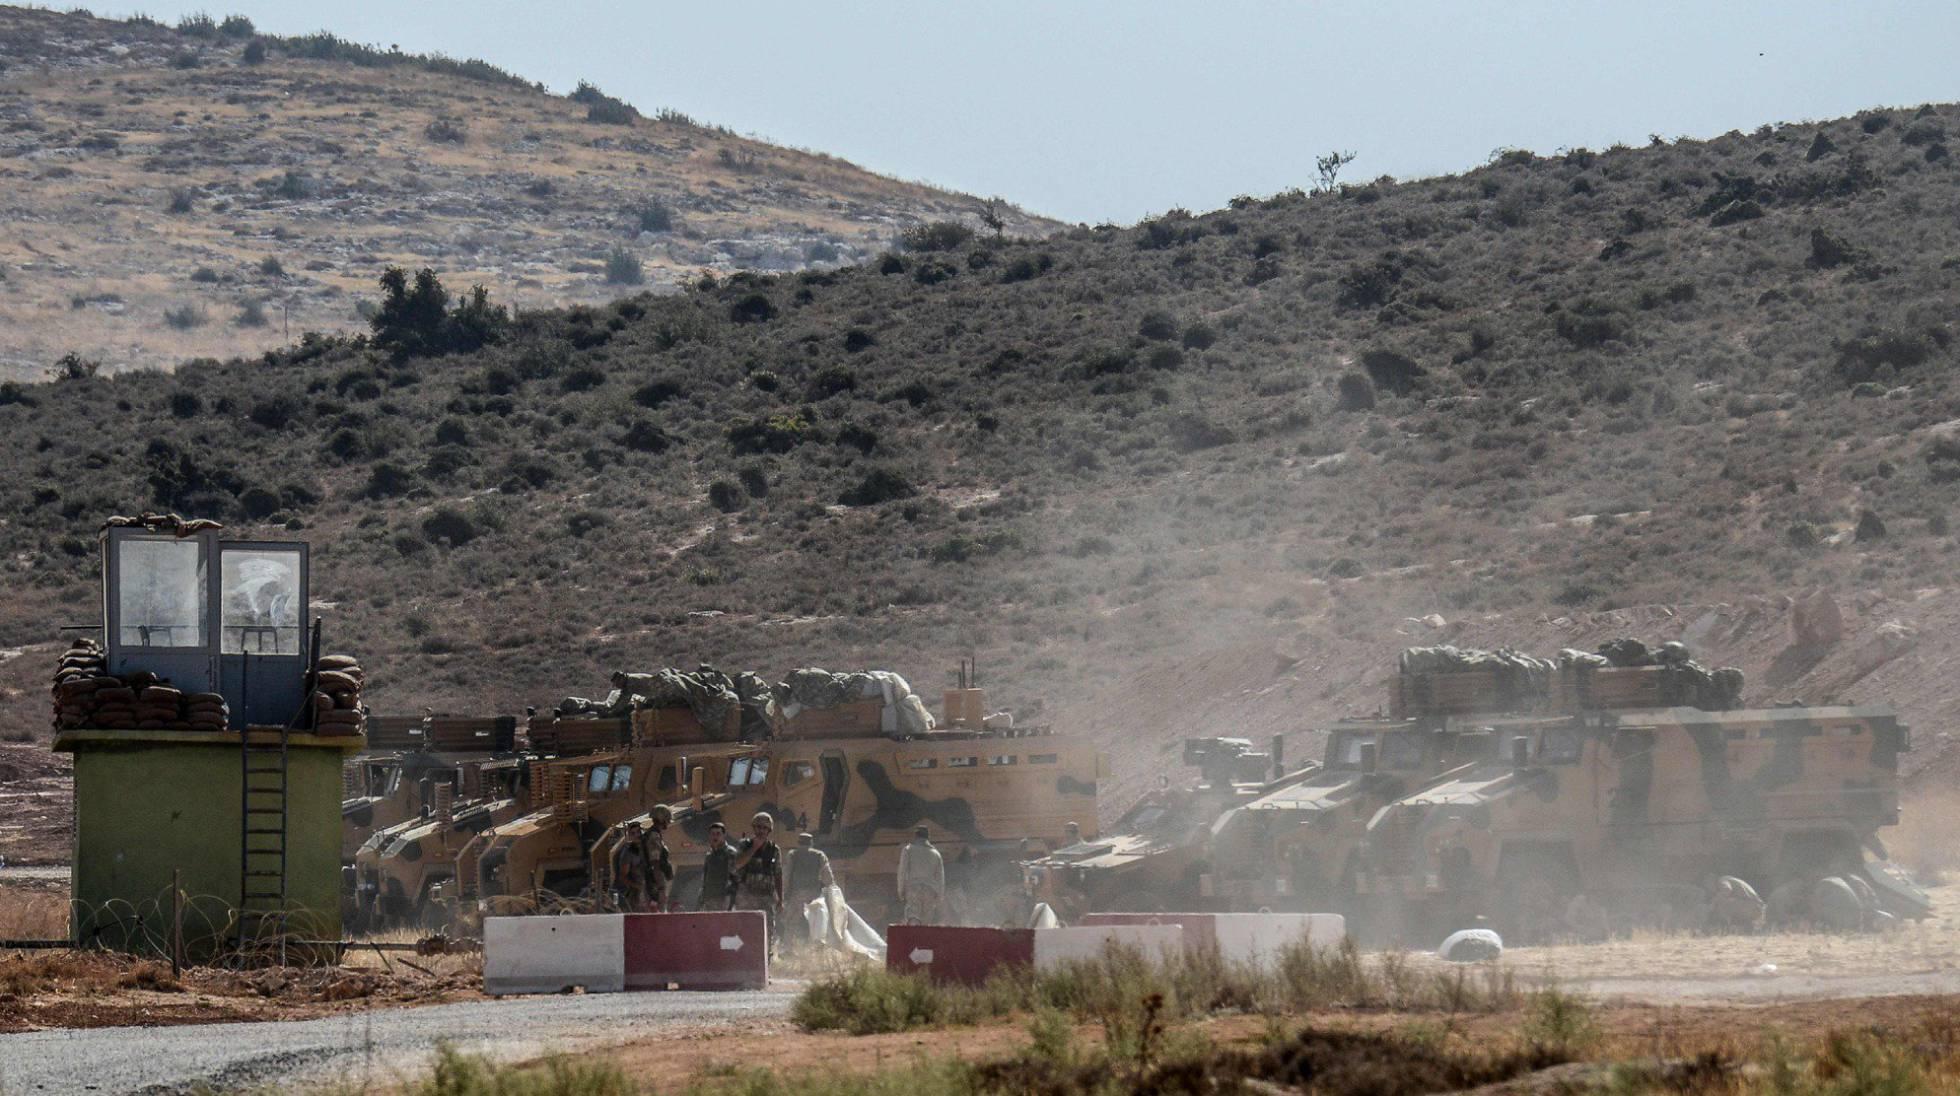 Siria - Conflicto Turquía - Siria  - Página 13 1507478614_578021_1507479883_noticia_normal_recorte1